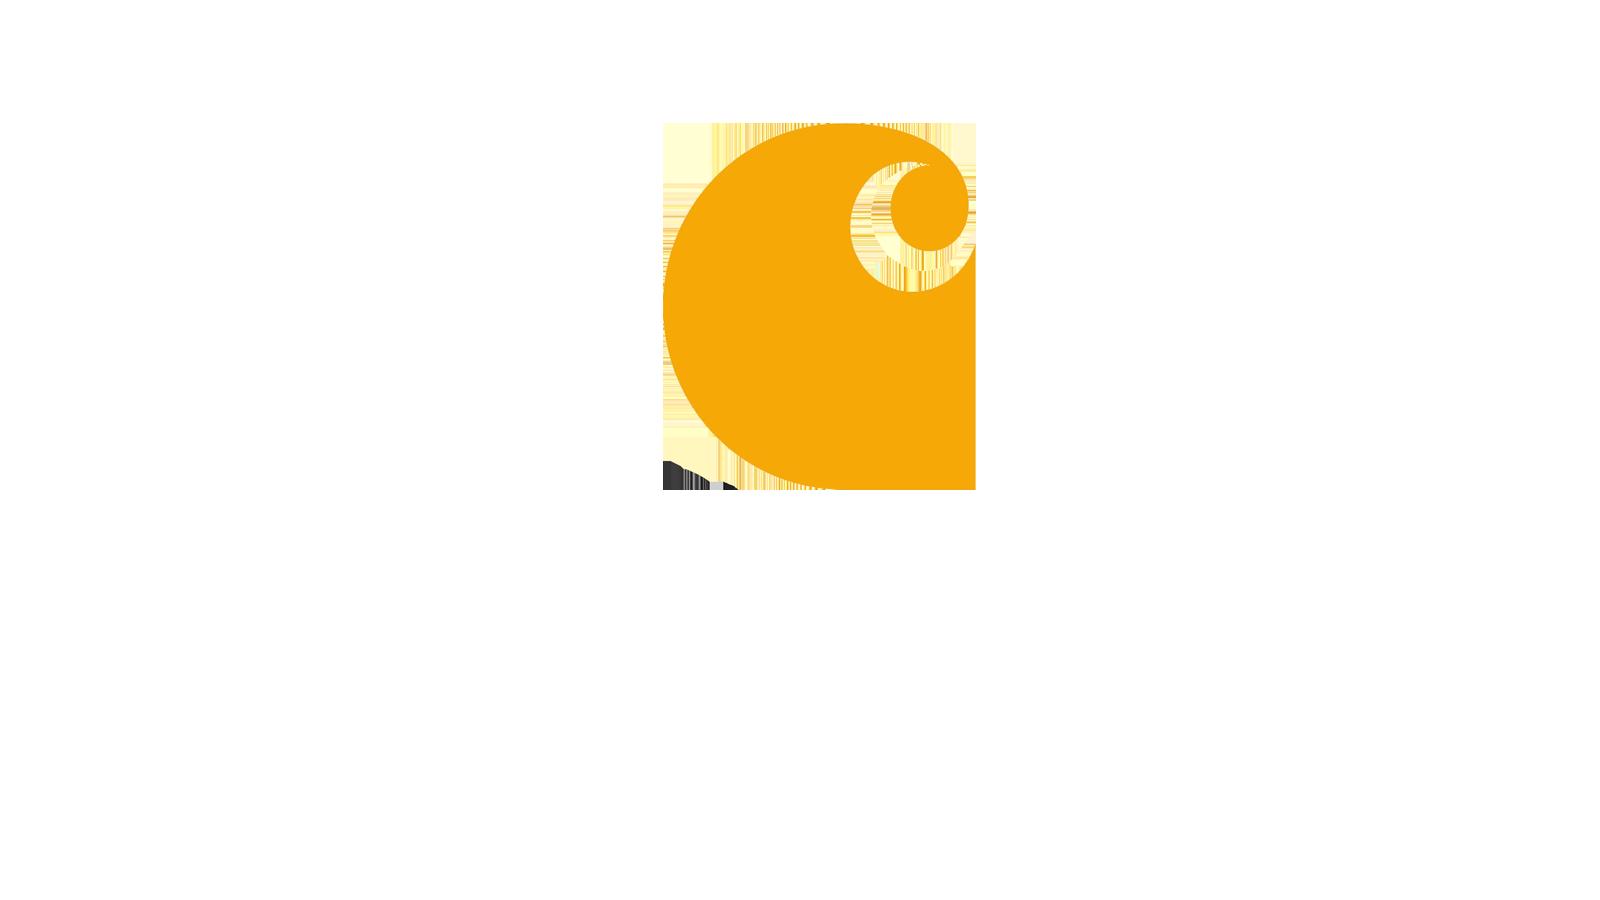 Carhartt - Carhartt PNG